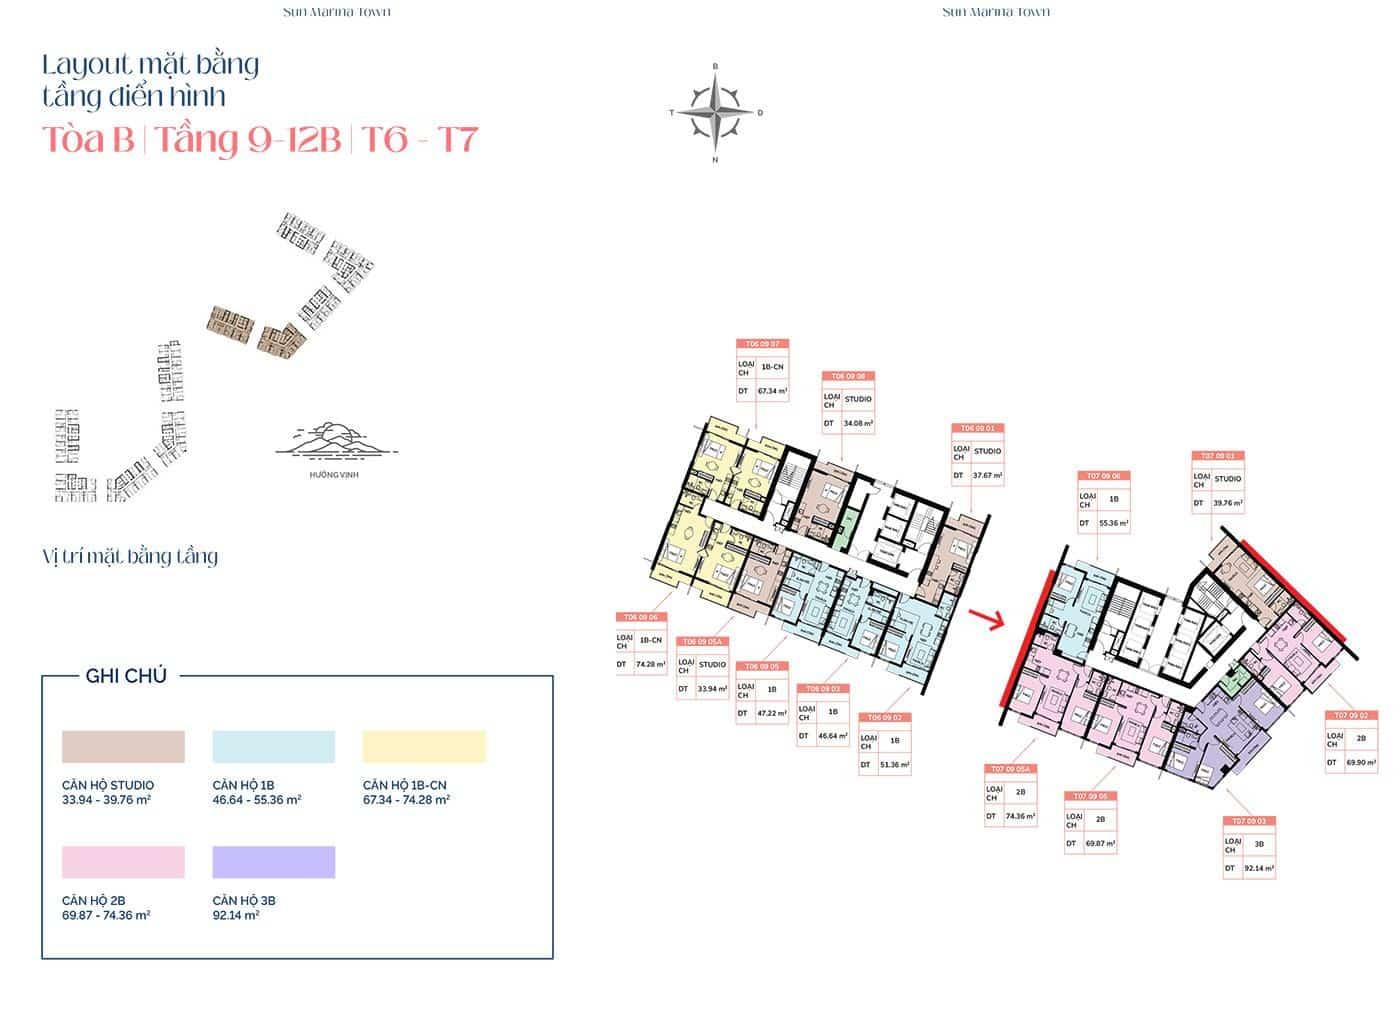 Mặt bằng tầng điển hình tòa B, từ tầng 9 đến tầng 12B, T6 và T7.